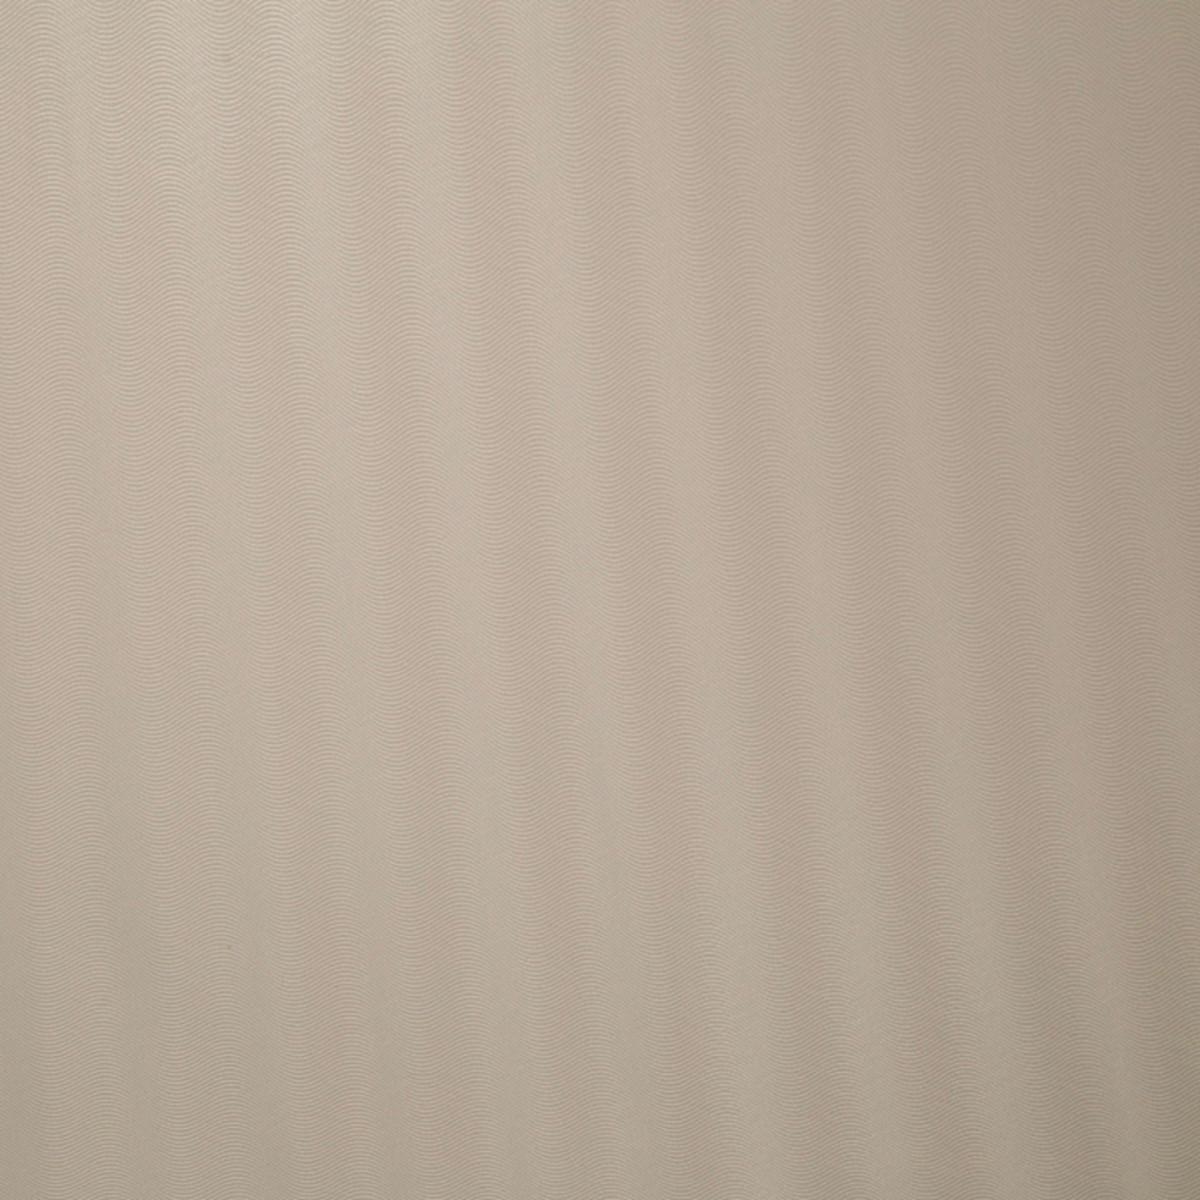 Обои флизелиновые Prestigecolor бежевые 1.06 м 0743-25